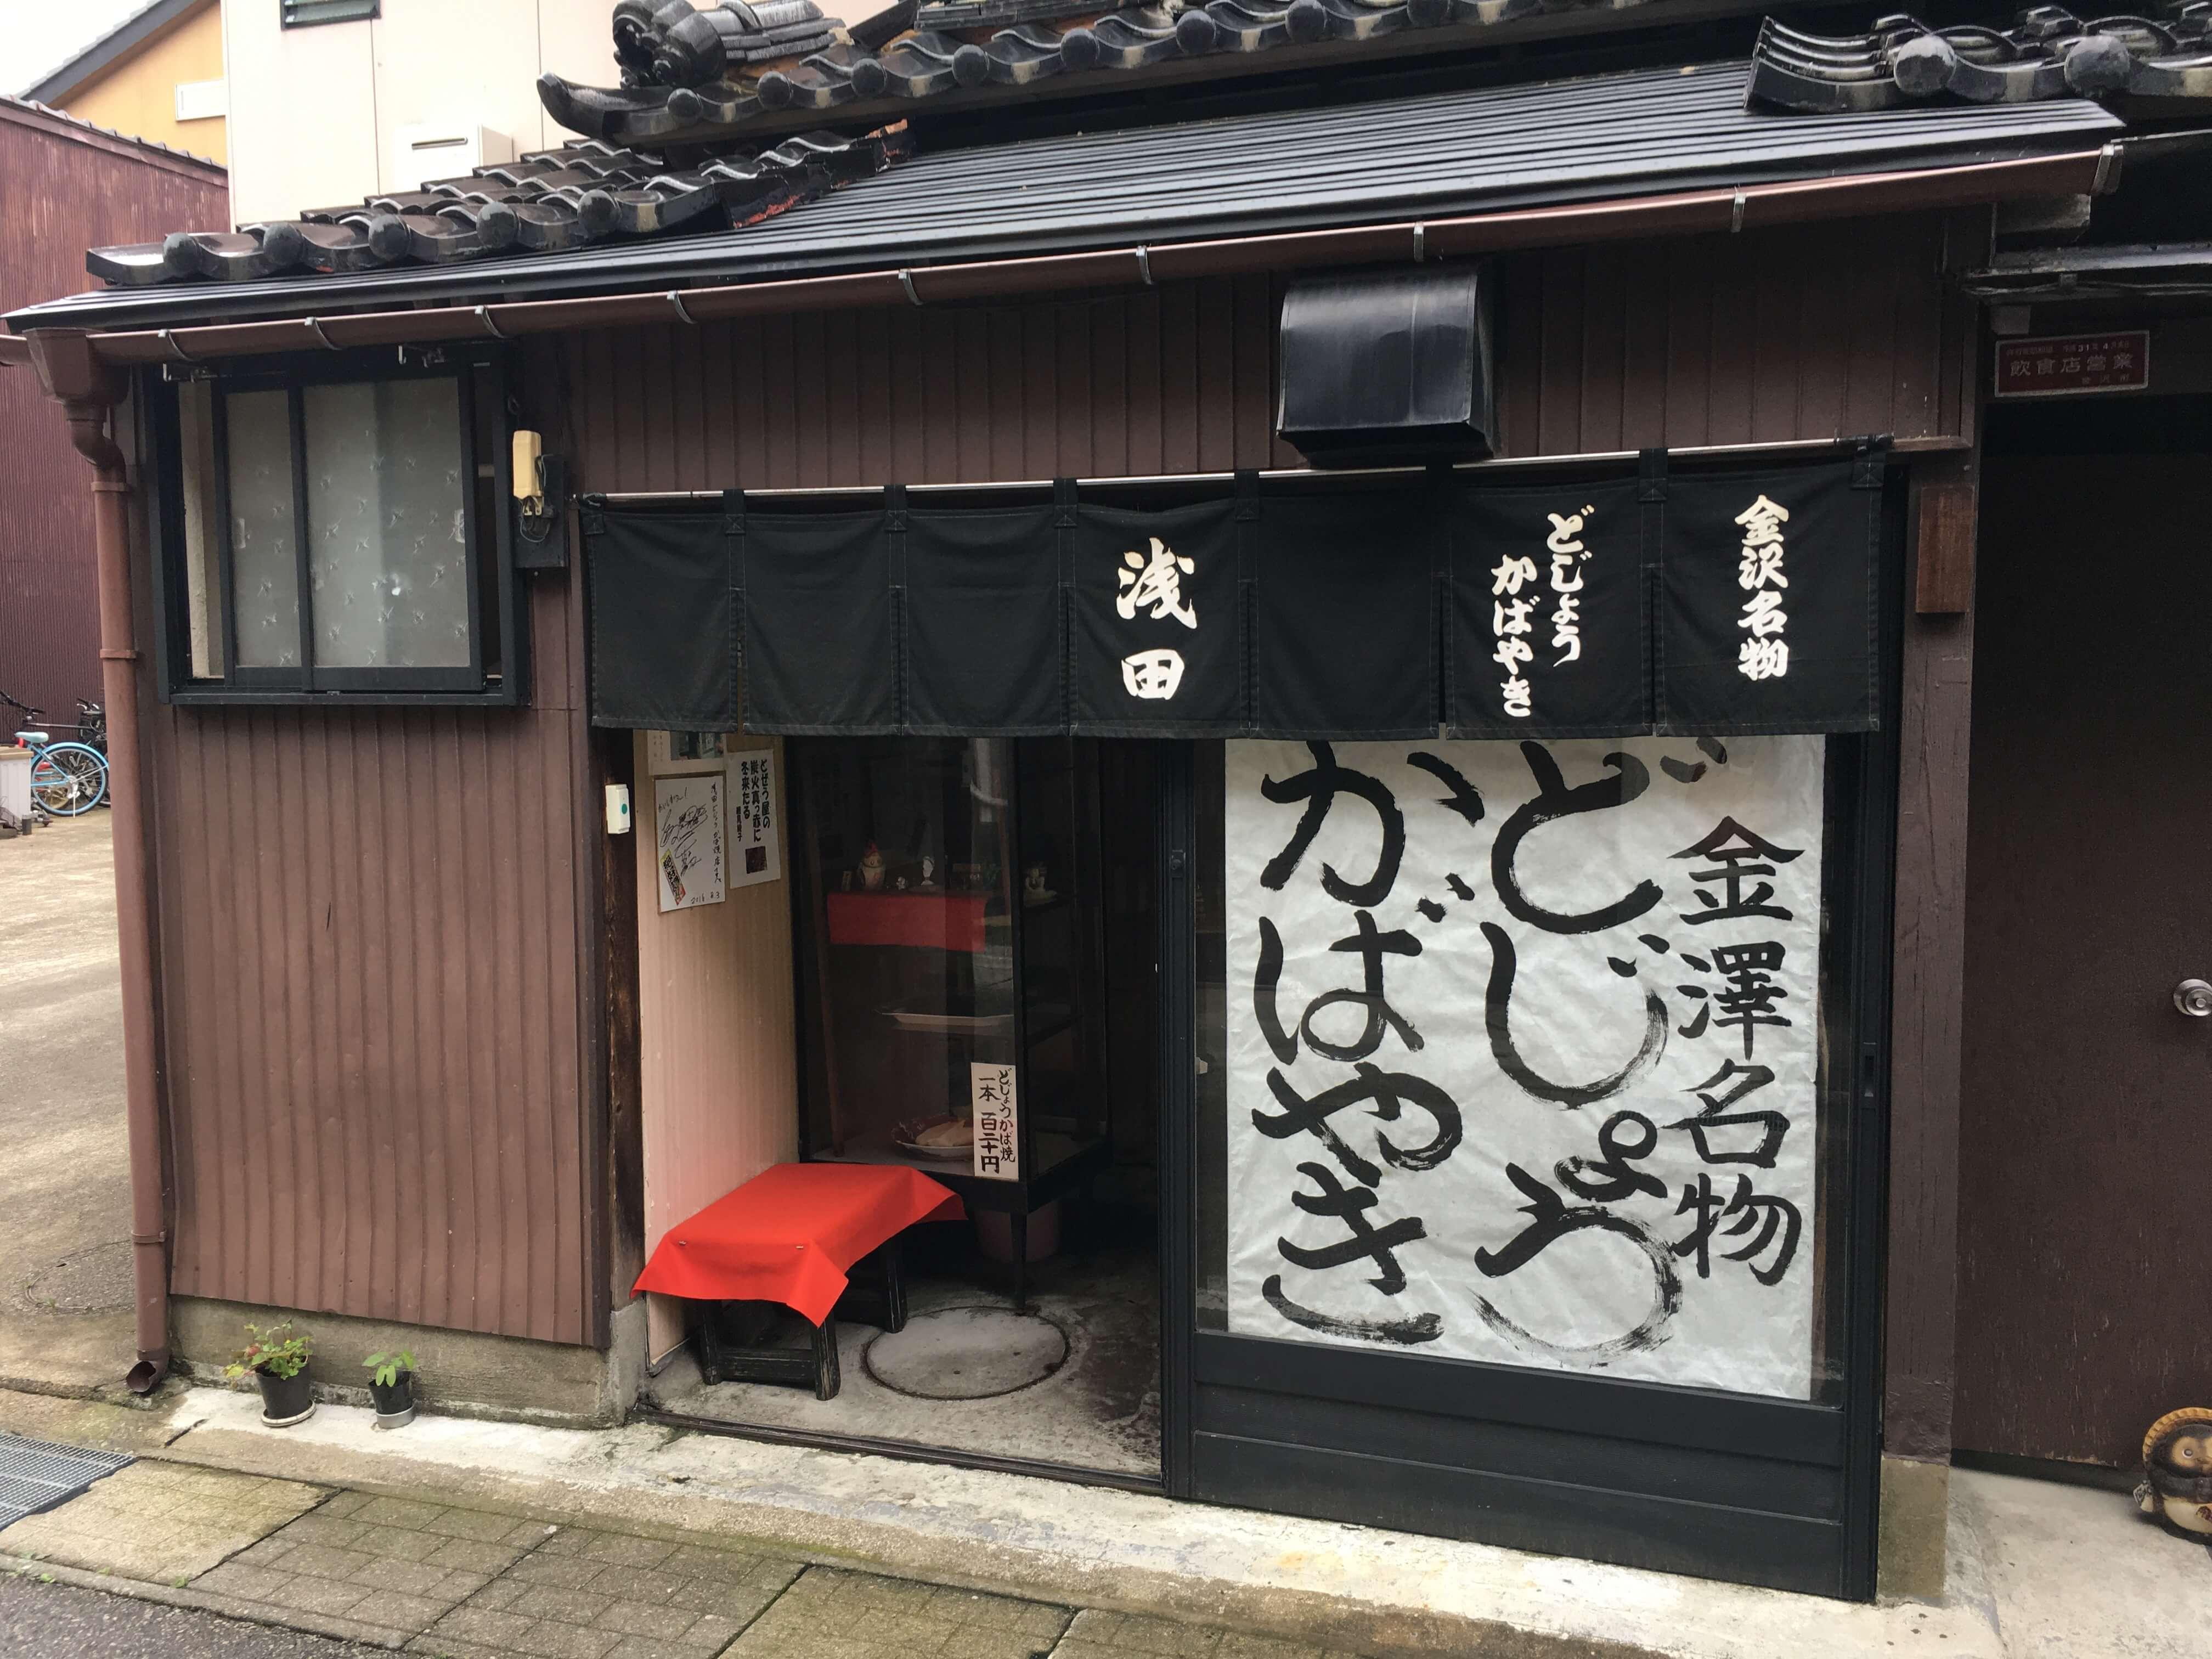 創業65年「 かばやきの浅田 」の金沢名物「 どじょうの蒲焼き」で夏を乗り切ろう